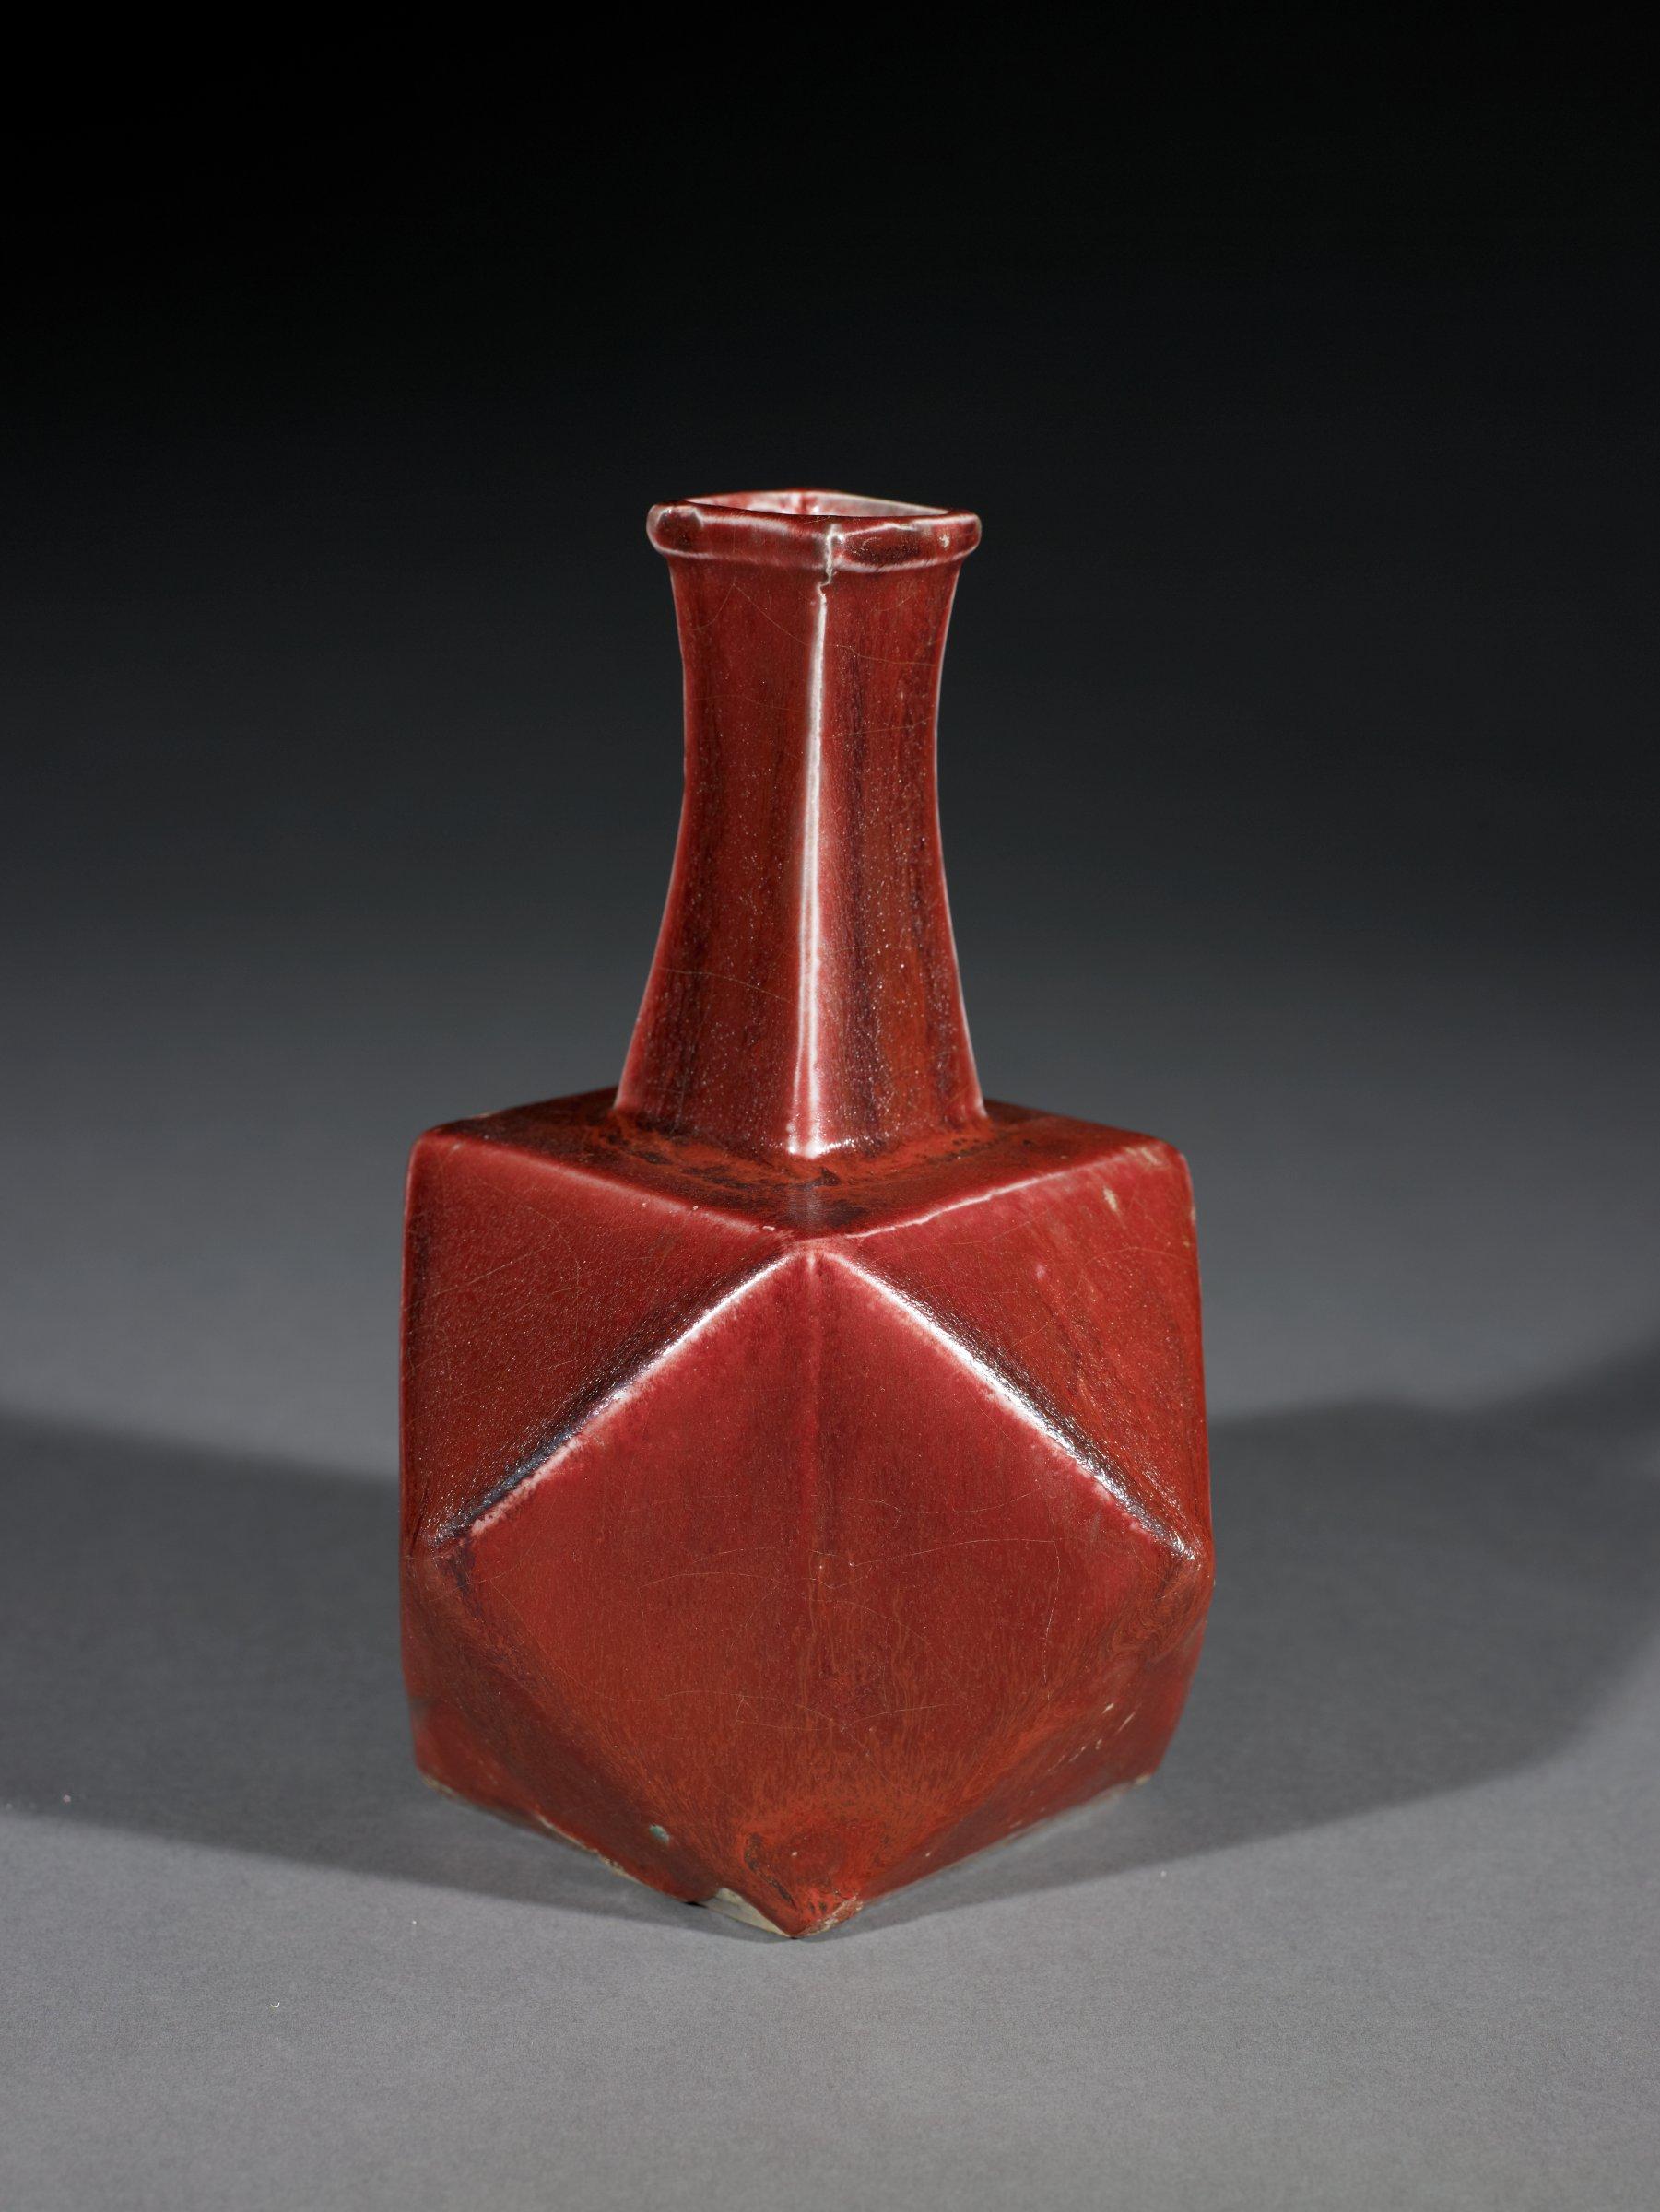 An unusual hexagonal shaped bottle in underglaze copper red